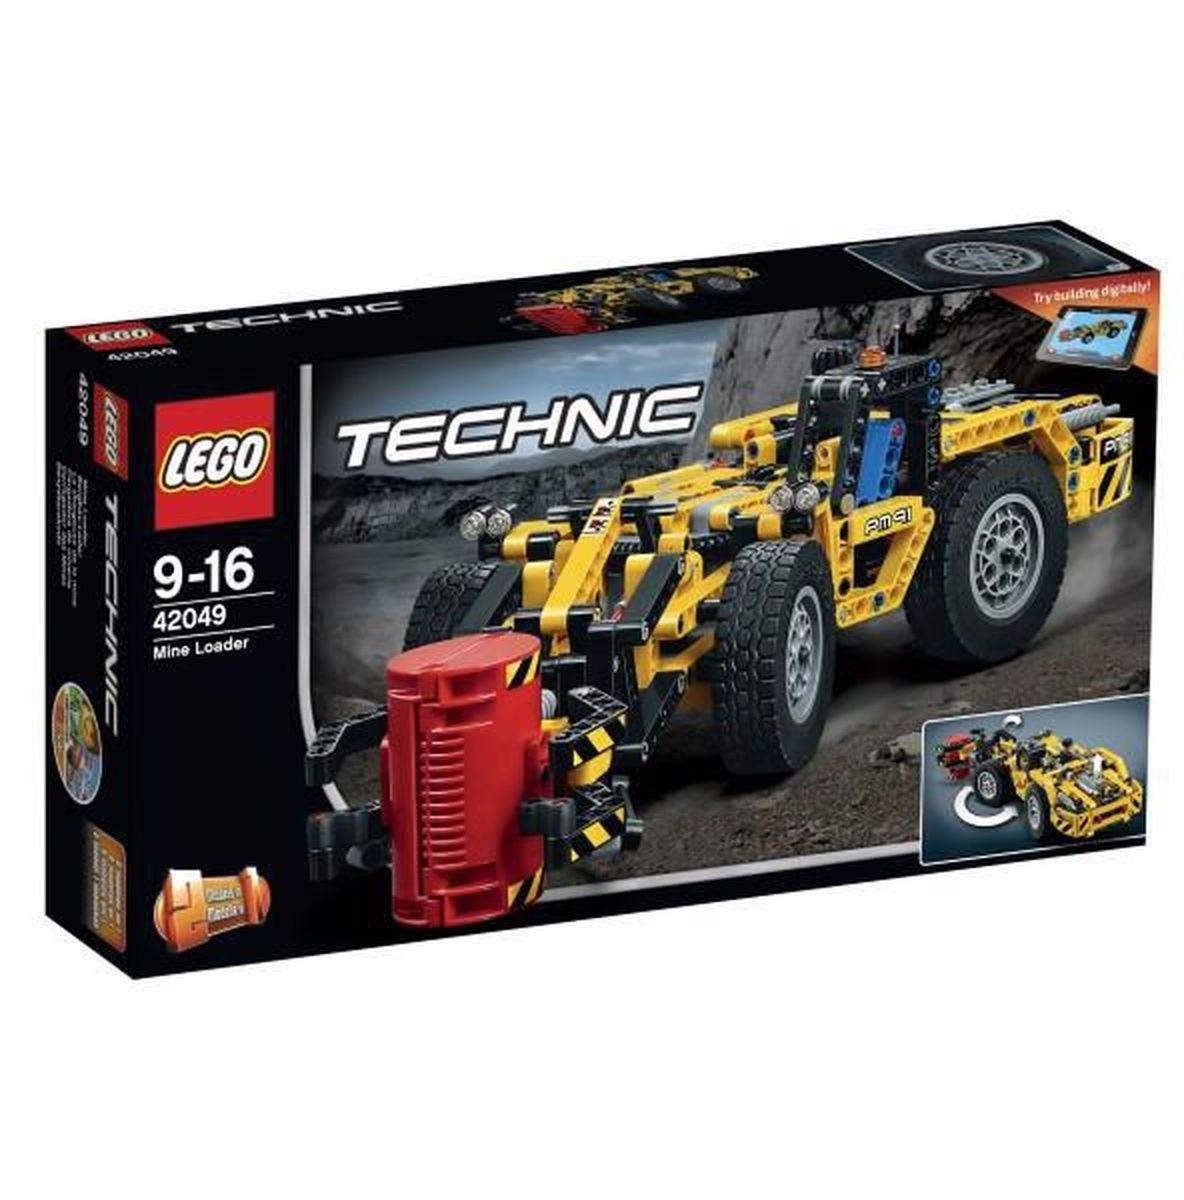 LEGO Technic Конструктор Карьерный погрузчик 4204942049Отправляйтесь под землю на этом прочном автомобиле 2 в 1! Погрузчик имеет классическую желто-черную цветовую схему, детализированный двигатель с движущимися поршнями, вращающимся вентилятором и массивные колеса с огромными шинами. Управляйте погрузчиком, чтобы переместить машину в нужное место, а затем активируйте универсальное захватное устройство, чтобы поднять и загрузить тяжелый груз. Когда все тяжелые грузы будут перемещены, переделайте модель в удивительную карьерную машину! Набор включает в себя 476 разноцветных пластиковых элементов. Конструктор станет замечательным сюрпризом вашему ребенку, который будет способствовать развитию мелкой моторики рук, внимательности, усидчивости и мышления. Играя с конструктором, ребенок научится собирать детали по образцу, проводить время с пользой и удовольствием.